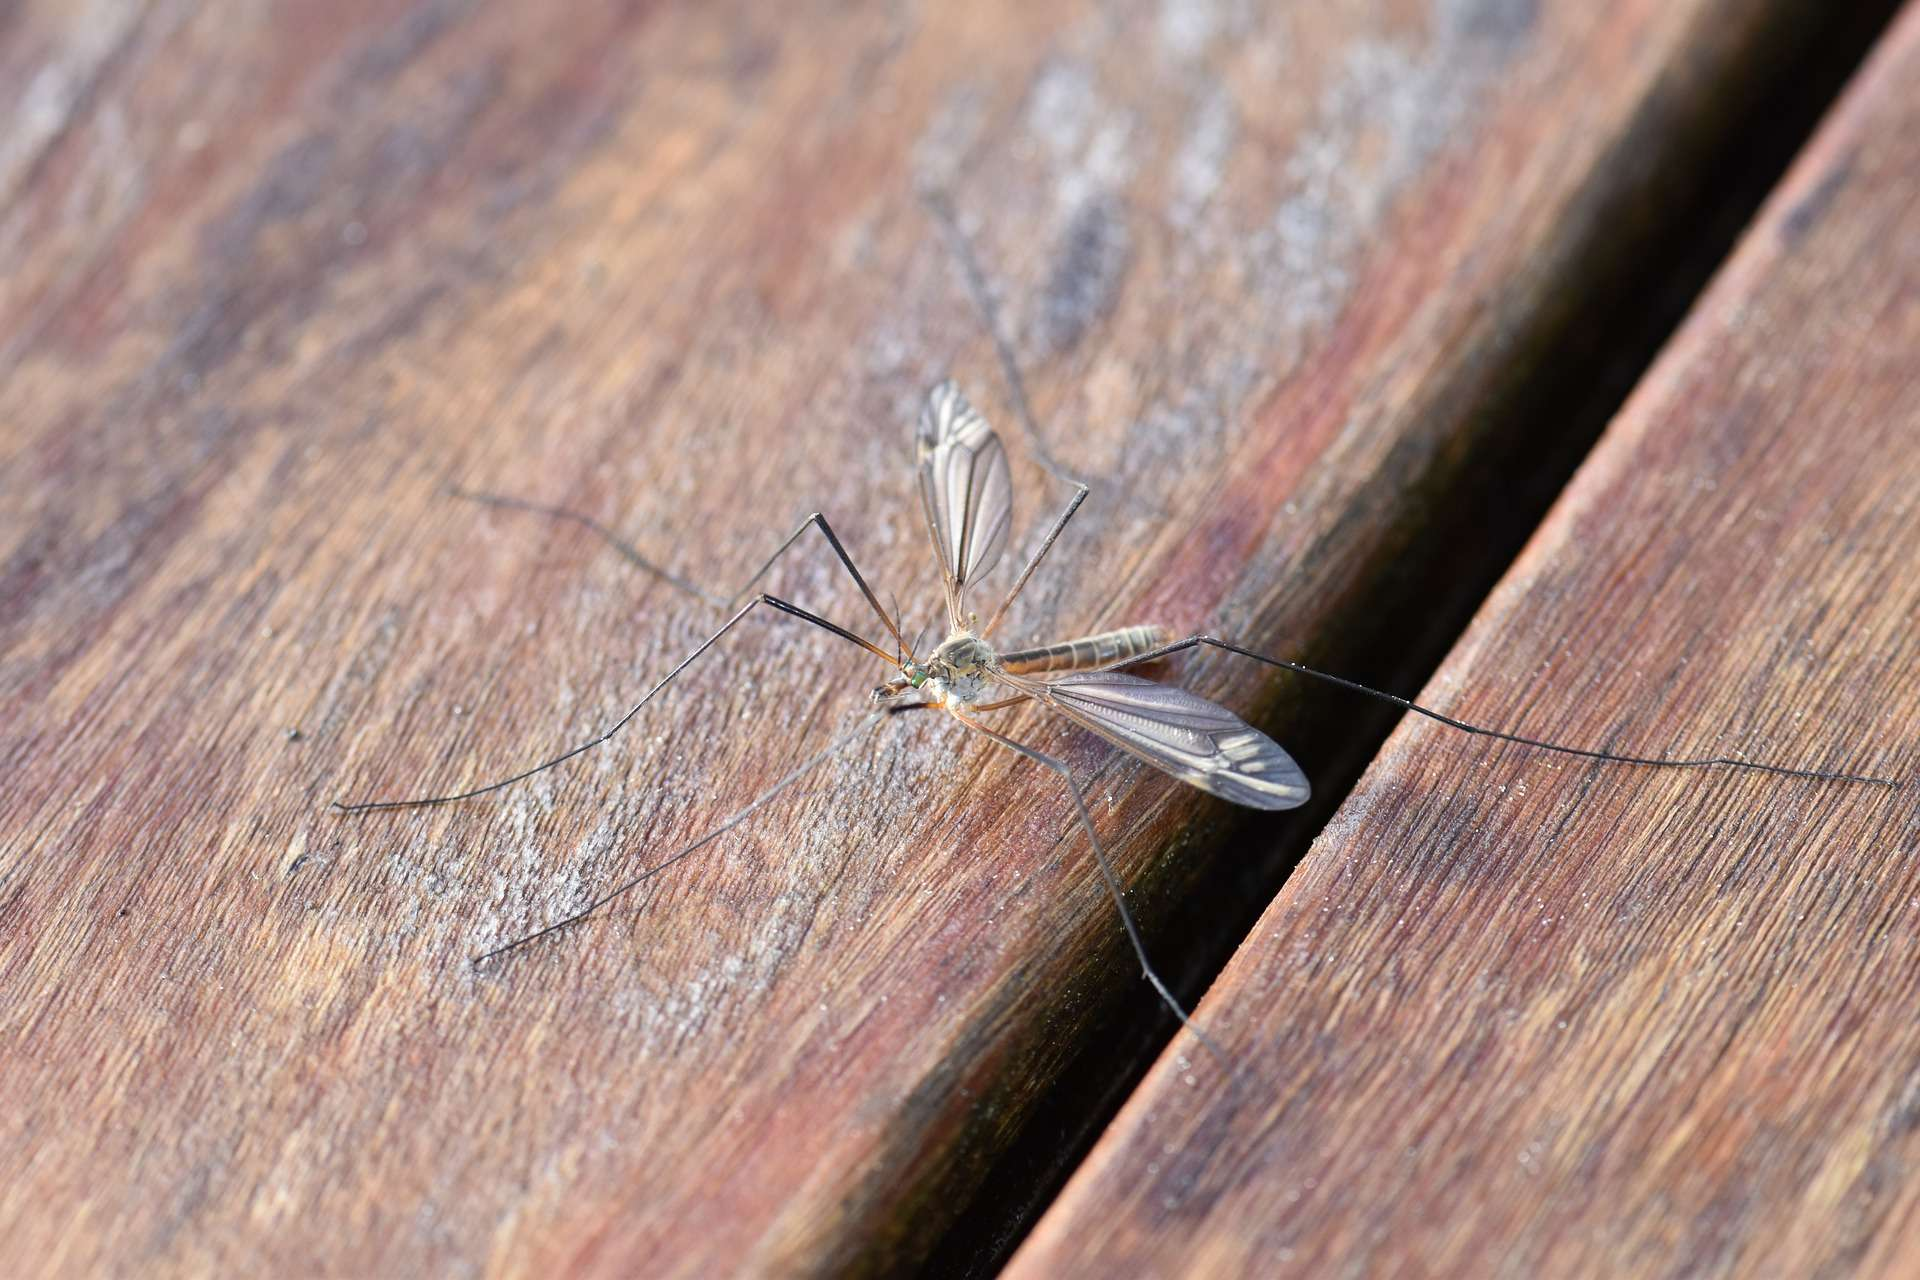 Stechmücke finden